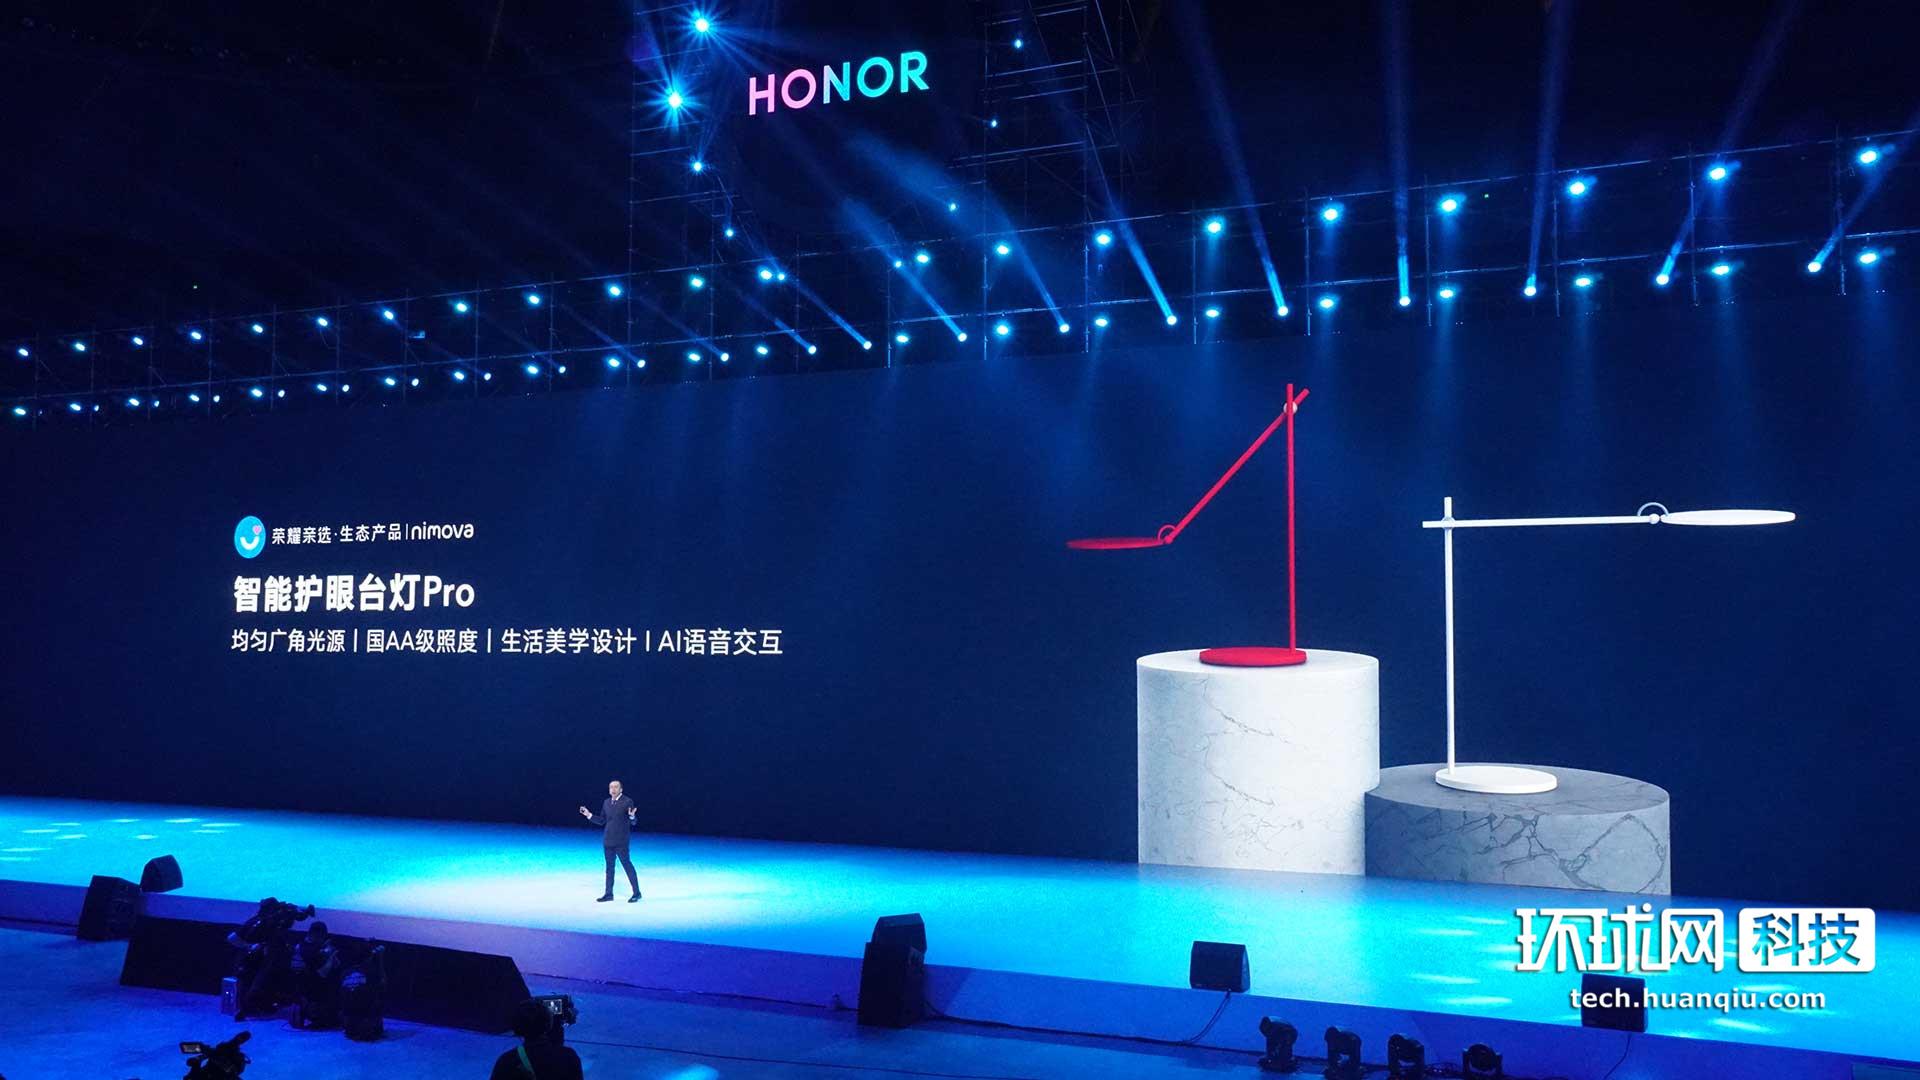 荣耀发布nimova智能护眼台灯Pro,随光应变保证桌面照度不变